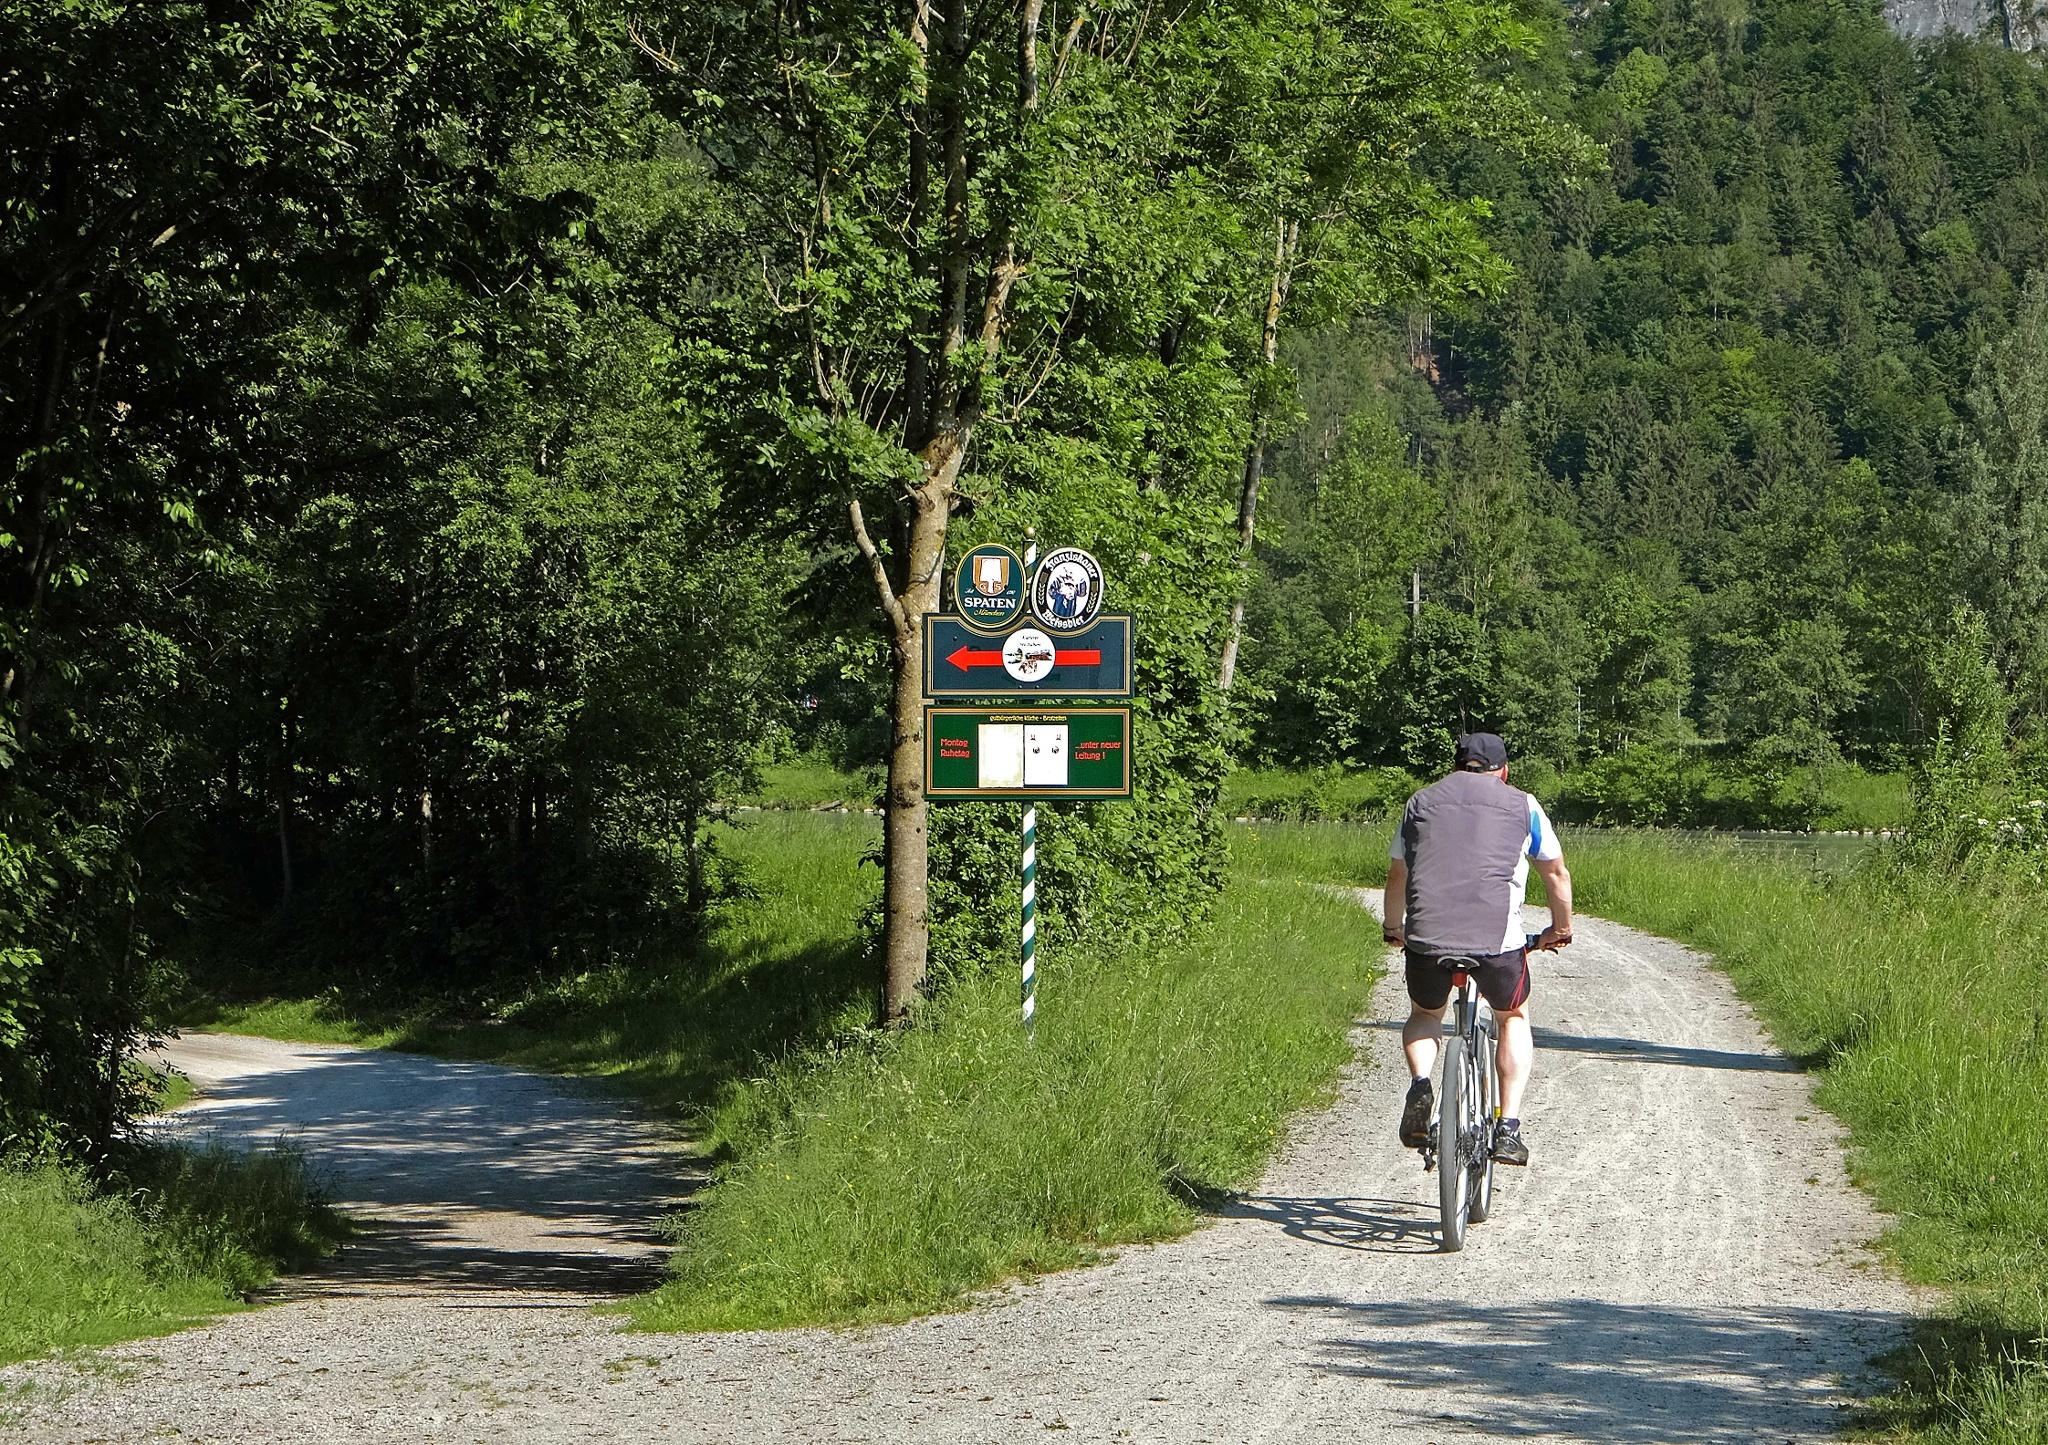 Abzweigung Kieferer See (nach links) von Innradweg (geradeaus) in Kiefersfelden